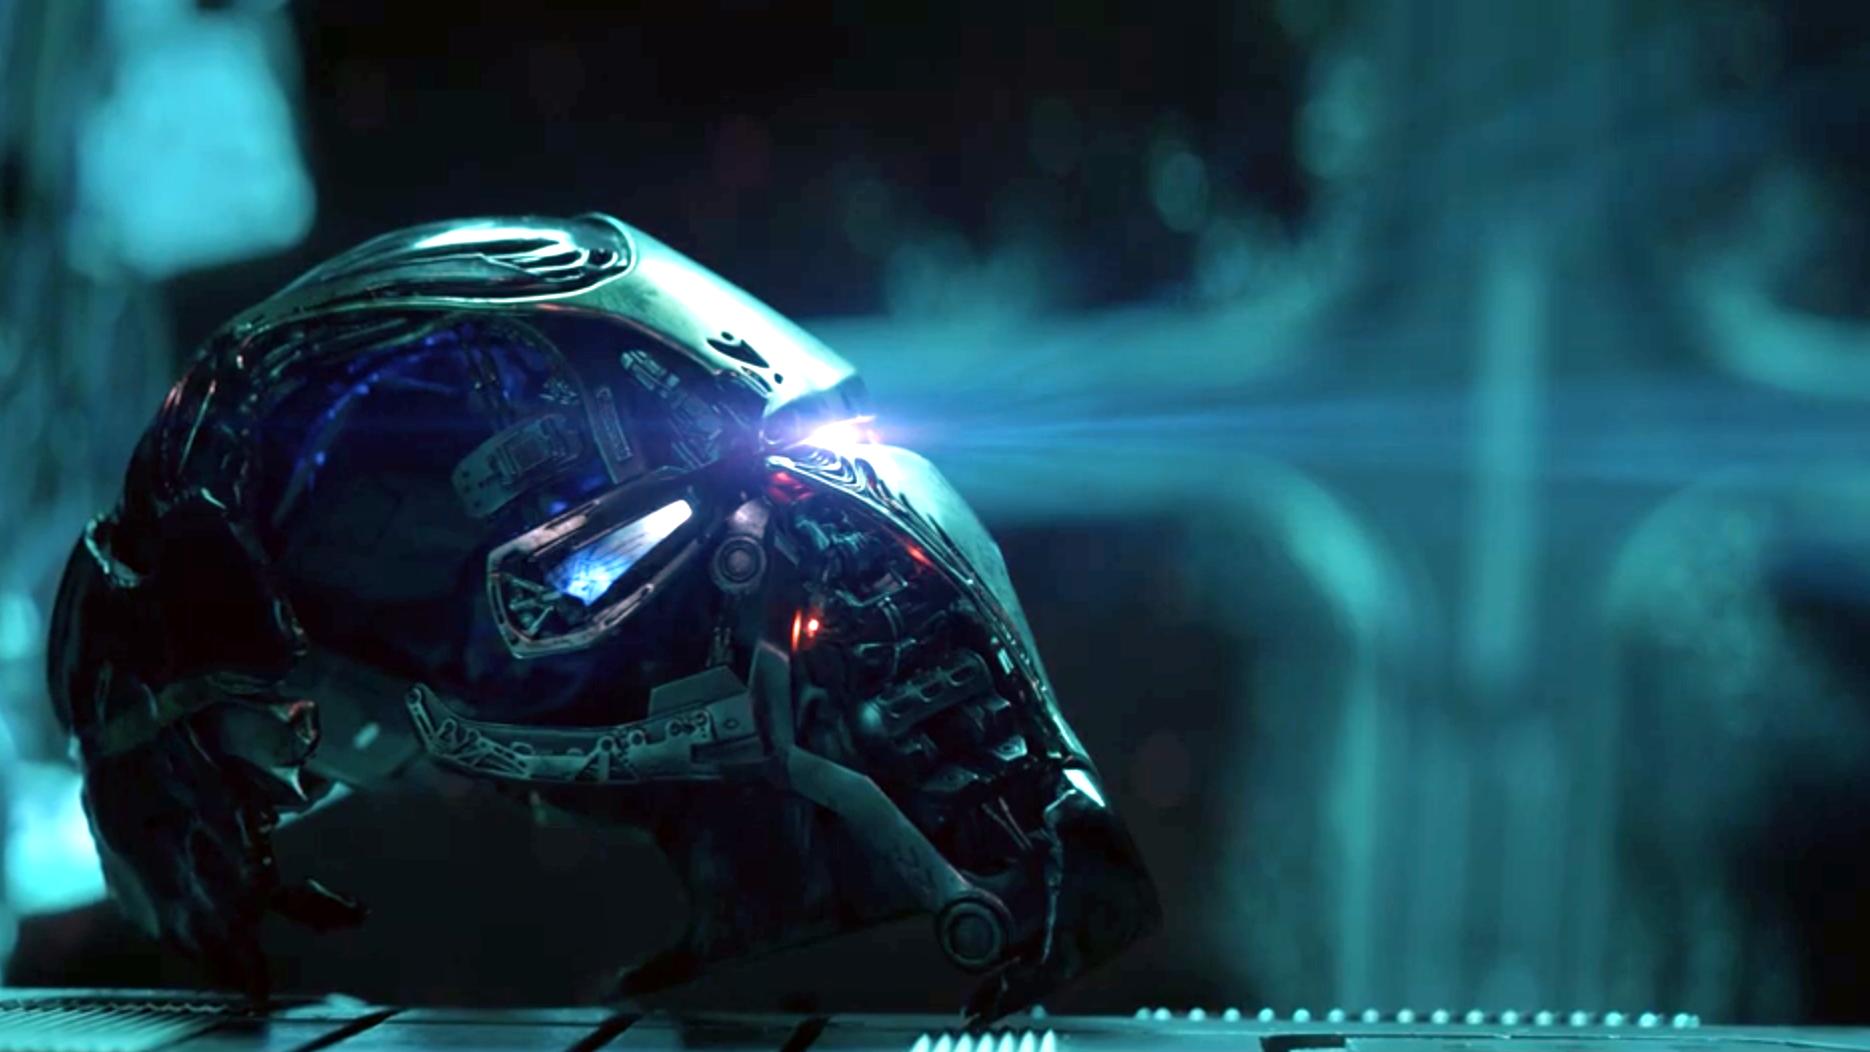 Avengers: Endgame' trailer: Grim before Ant-Man arrives - Orlando